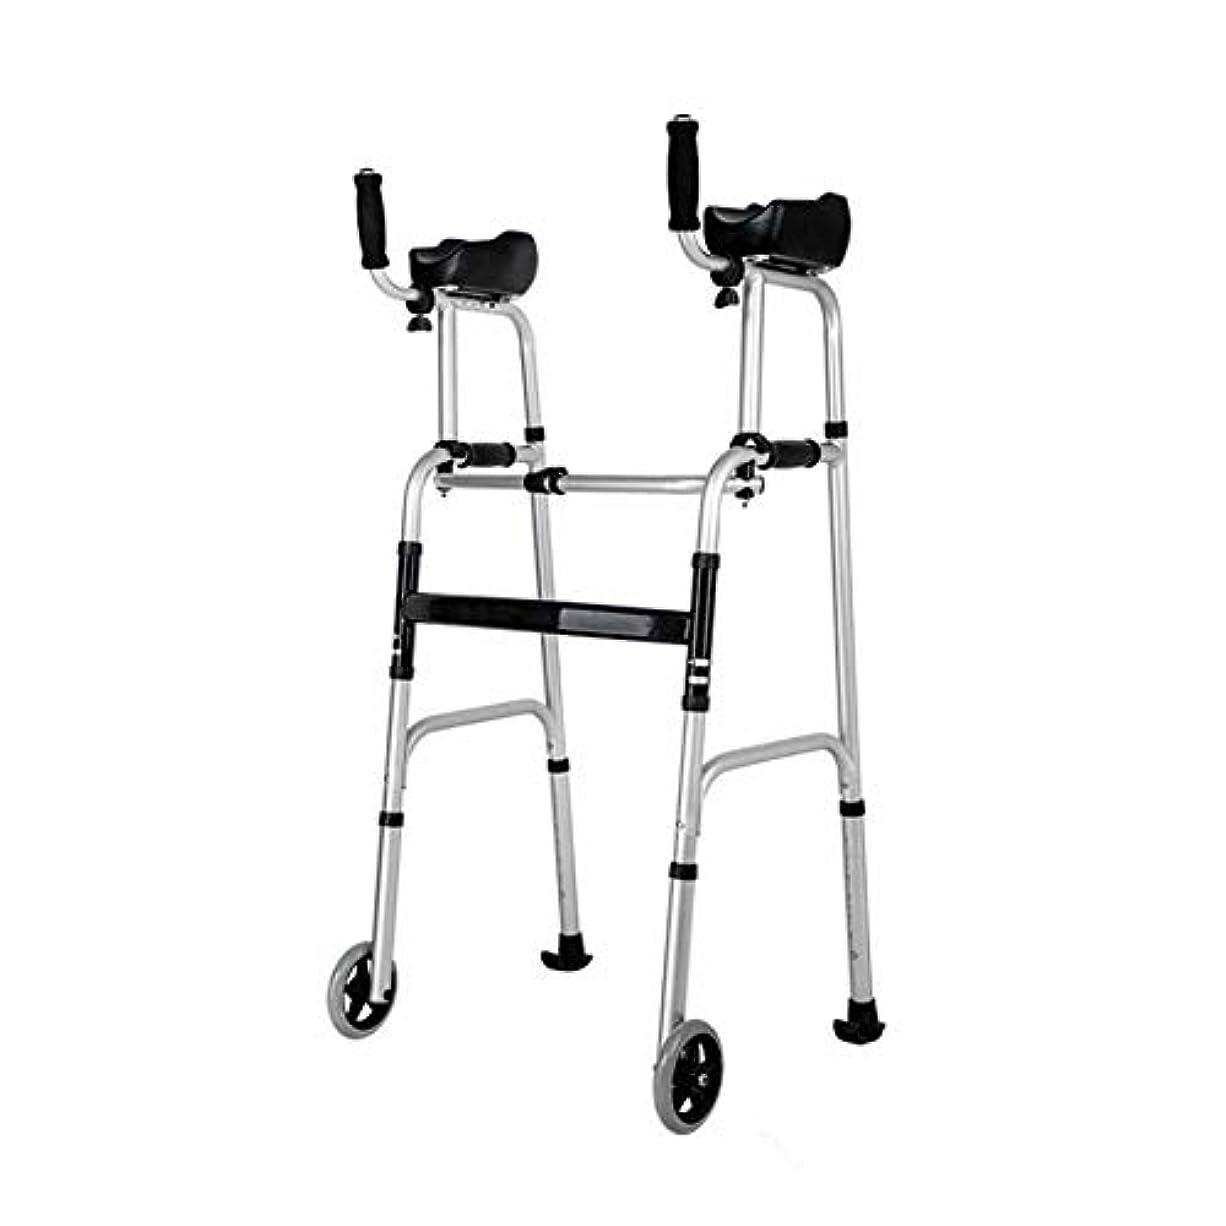 急性別れる転送車輪が付いている折る歩行者、不具の高齢者のための2輪歩行者の高さの調節可能なスリップ防止椅子の腰掛け (Color : 黒)